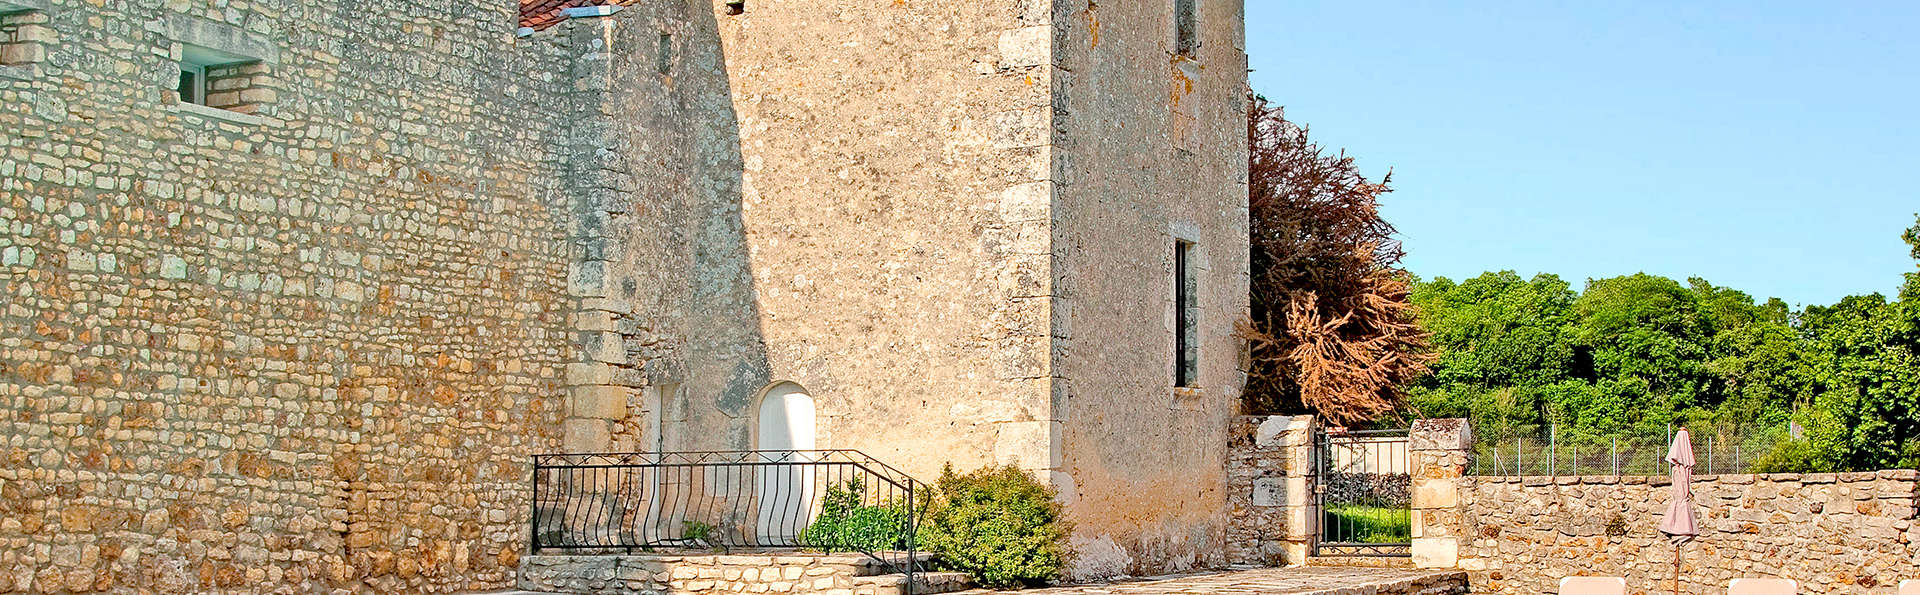 Château de Périgny  - EDIT_frontpool.jpg